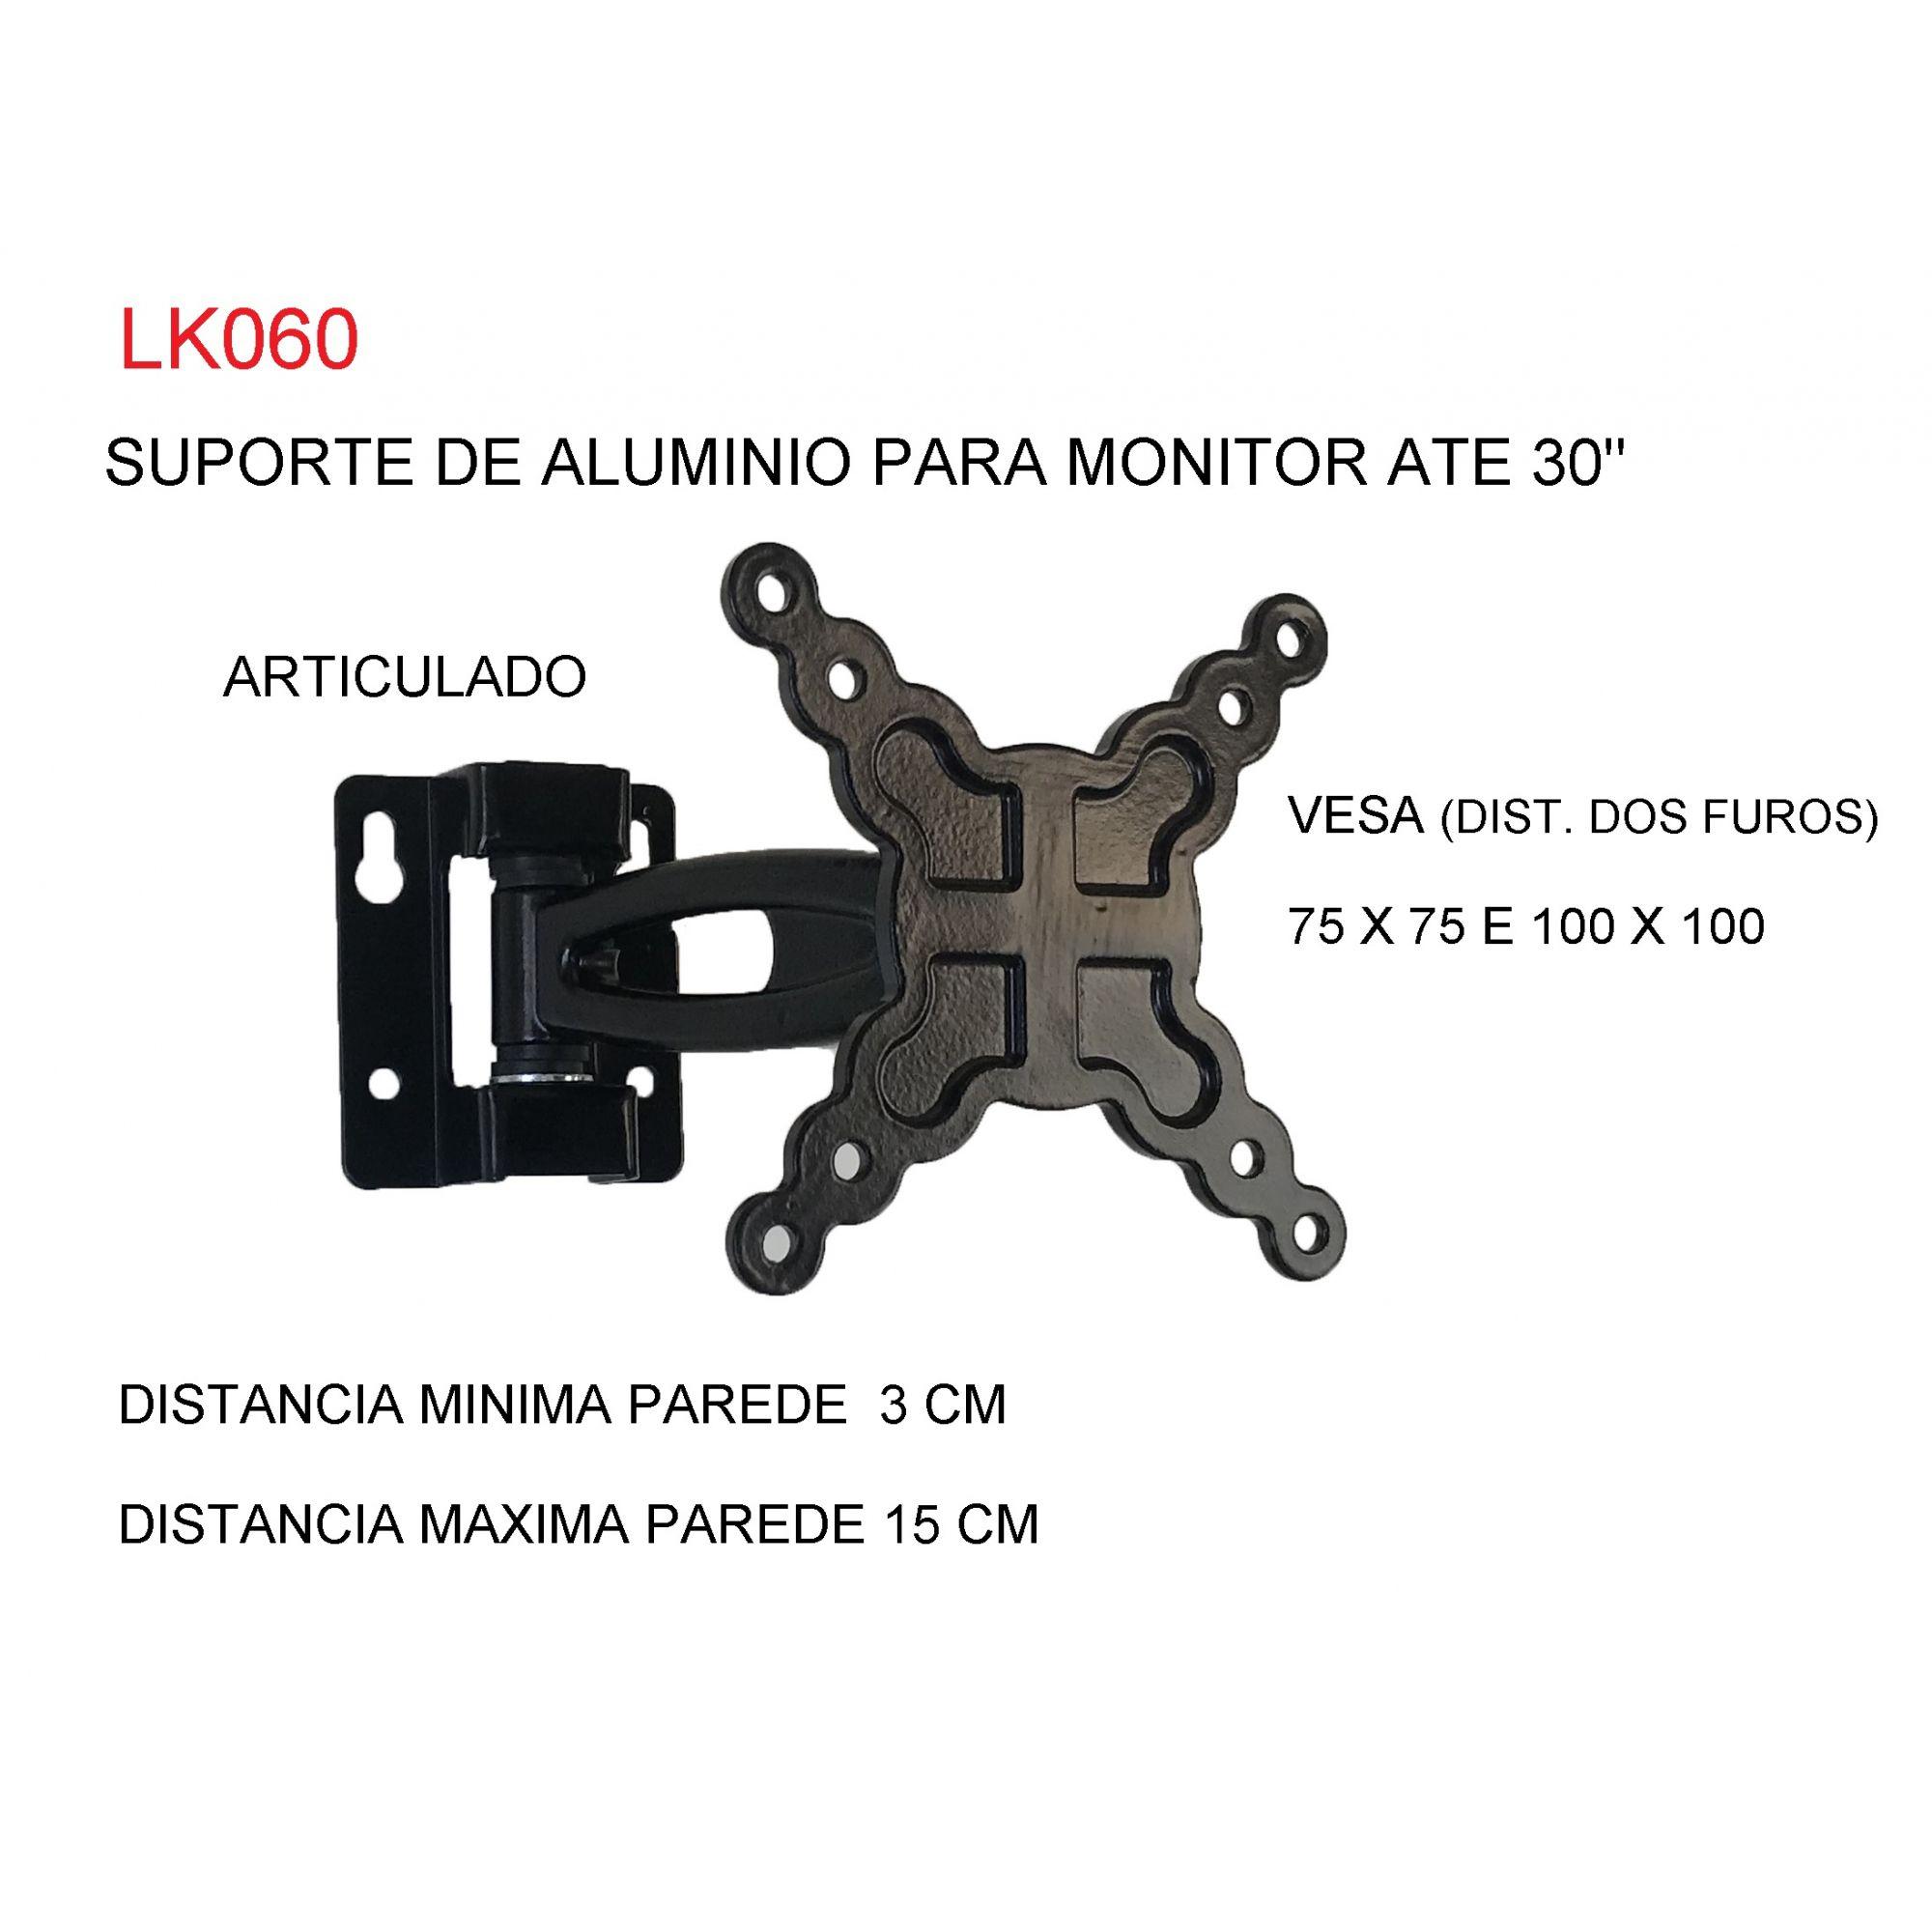 """SUPORTE ARTICULADO DE ALUMÍNIO PARA MONITOR ATÉ 30"""" LK060"""